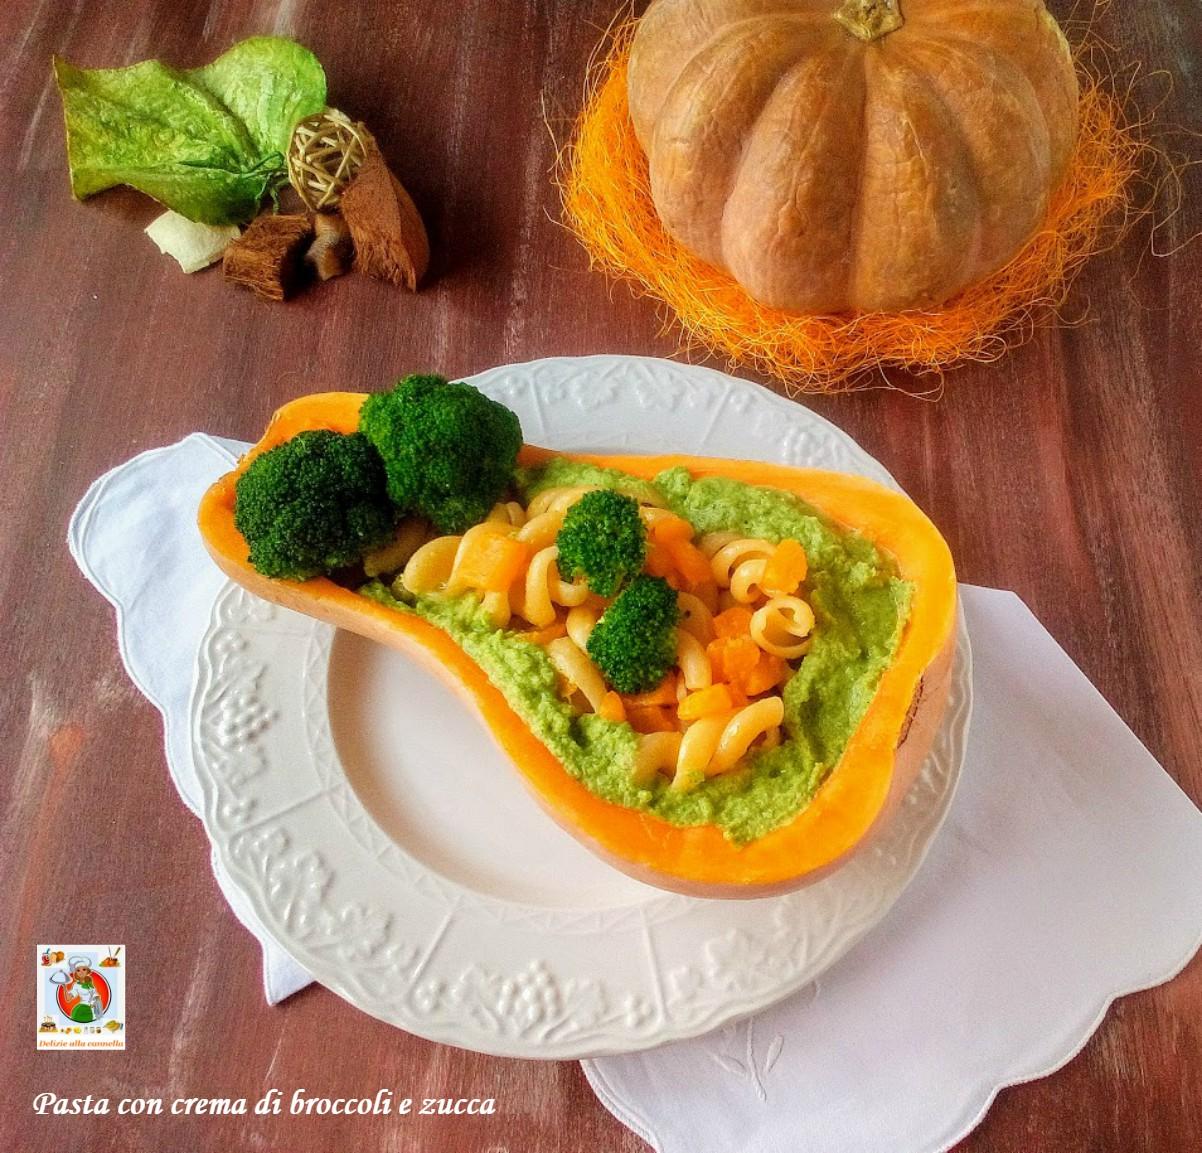 pasta con crema di broccoli e zucca 01